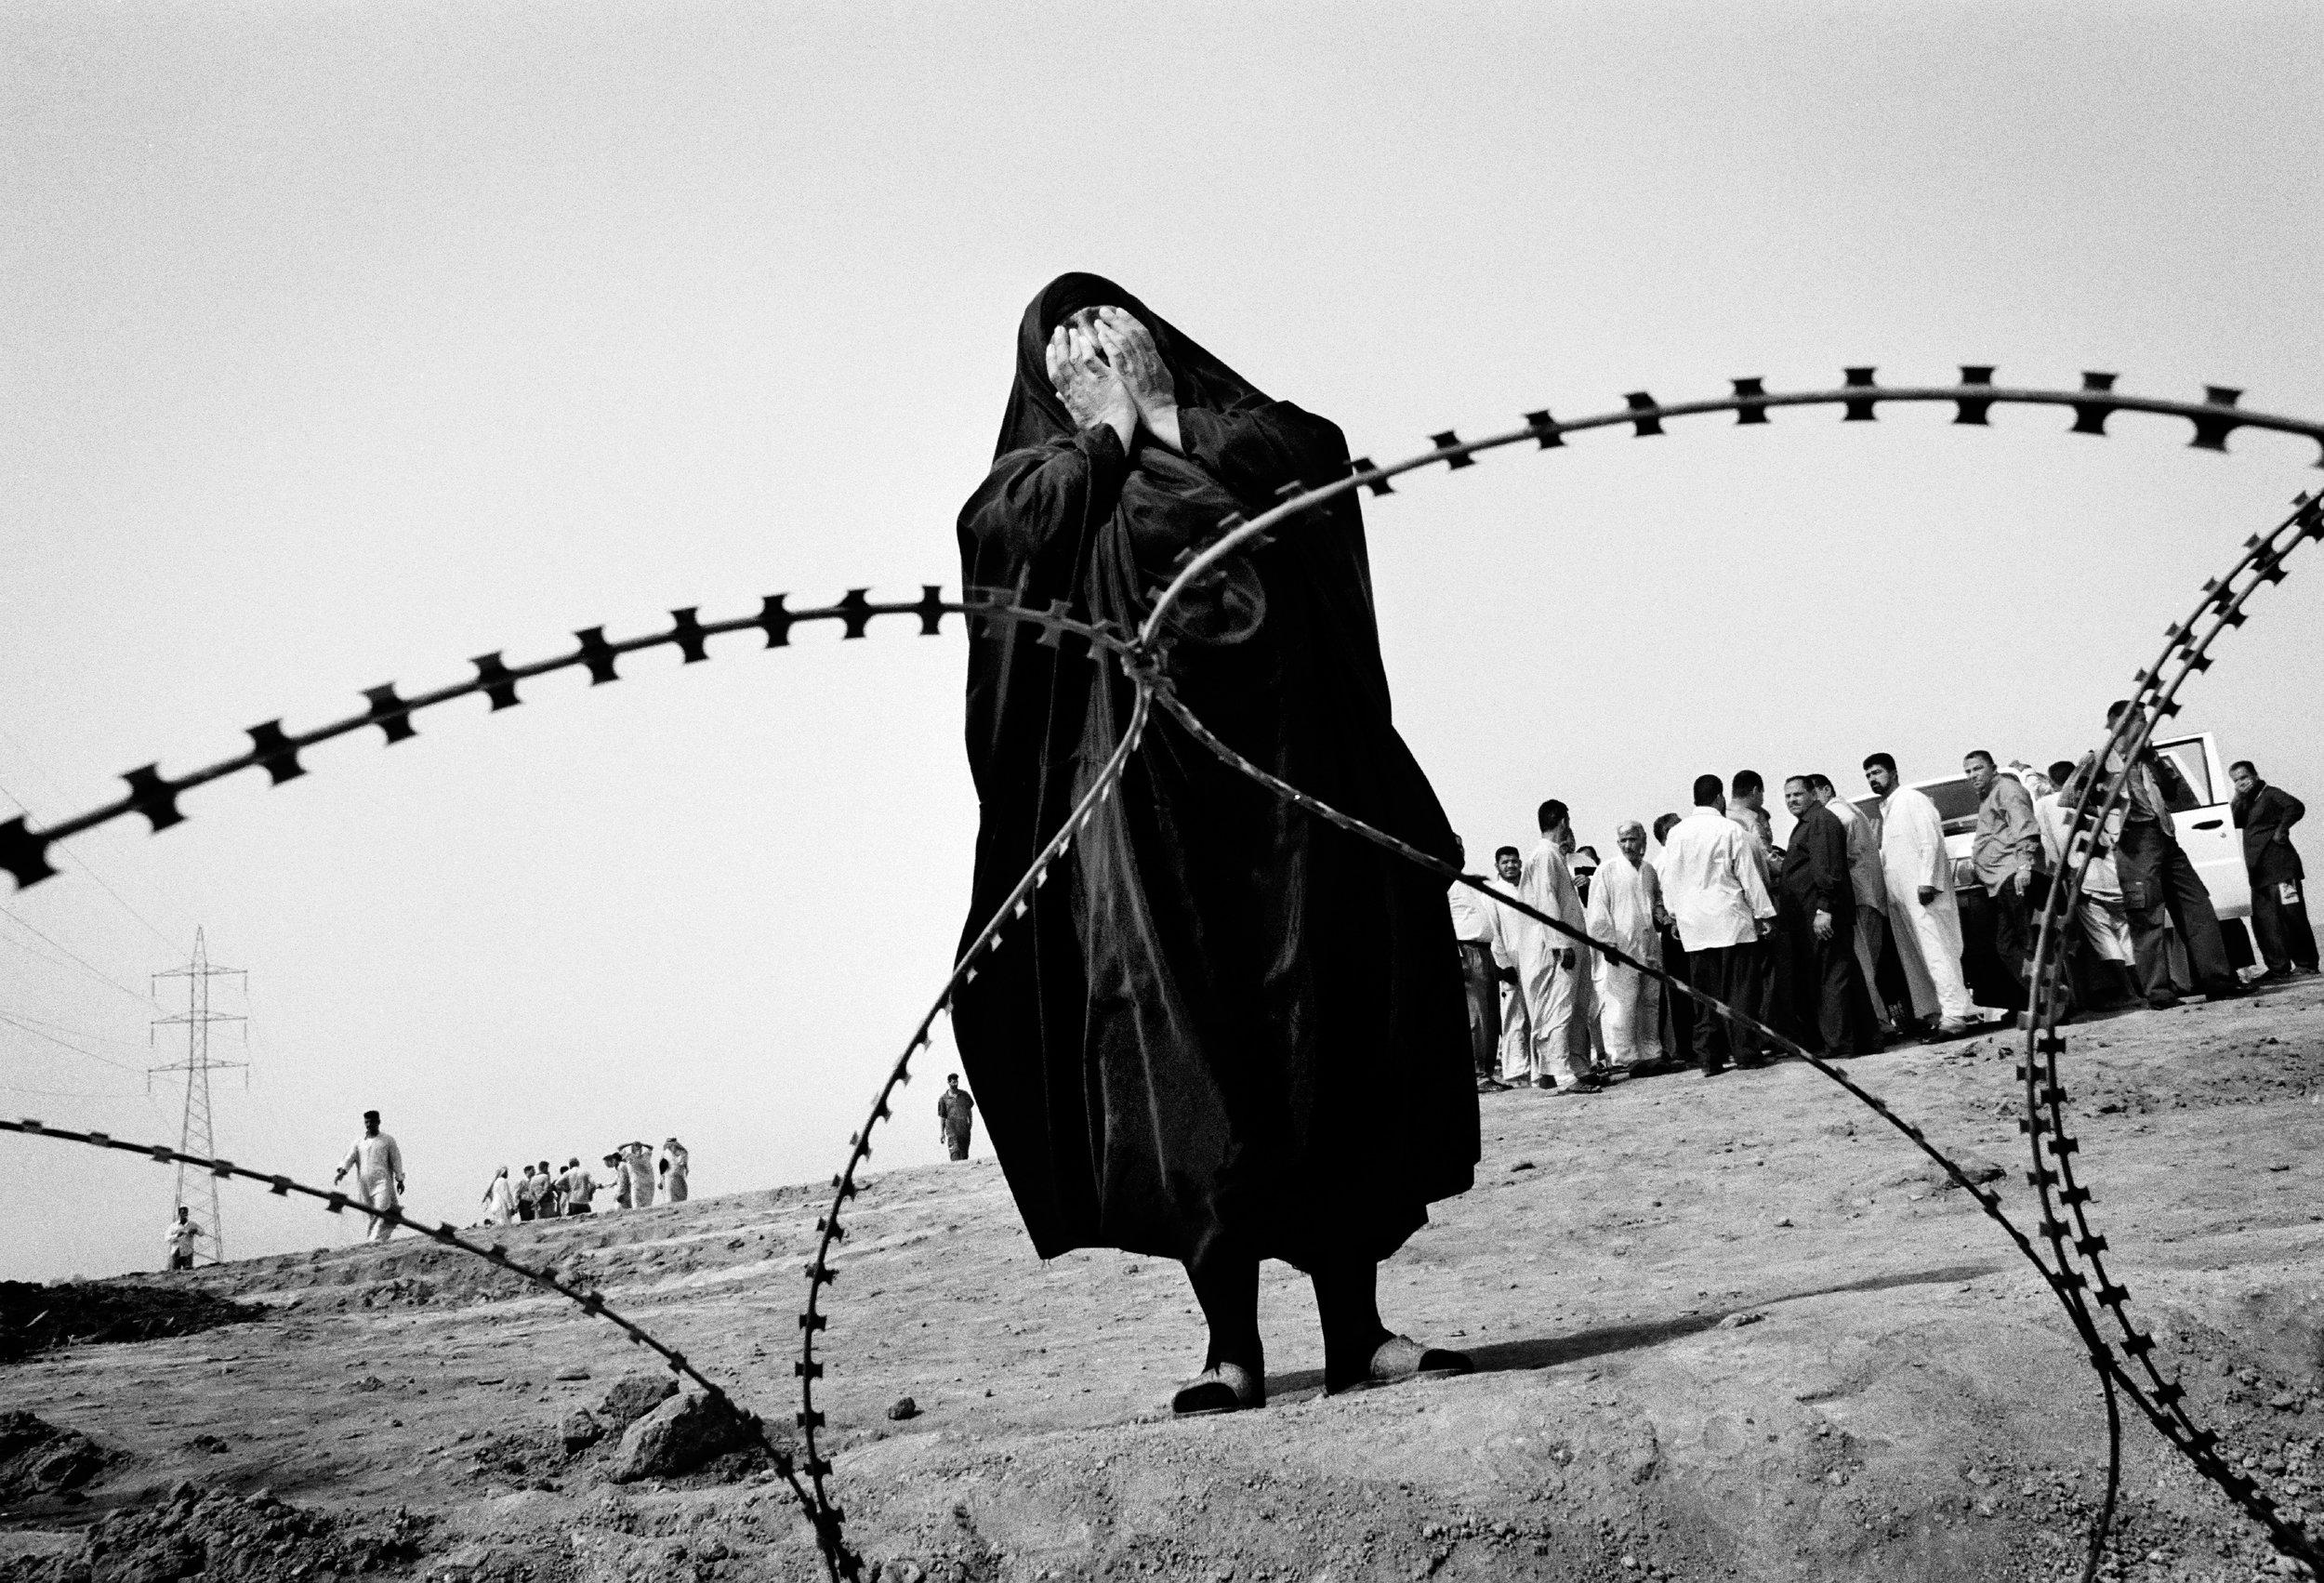 2003, General News Reportage, 3° premio © Dario Mitidieri/Getty Images Iraq.  Una donna presso una fossa comune vicino ad Al-Mahawil. Stando ai dati raccolti da centri di osservazione per i diritti umani, 30.000 persone scomparvero in Iraq durante il Regime di Saddam Hussein. Alcune sparirono negli anni Ottanta, quando Saddam ordinò l'arresto e l'esecuzione di migliaia di comunisti, musulmani sciiti e rivali interni al suo stesso partito